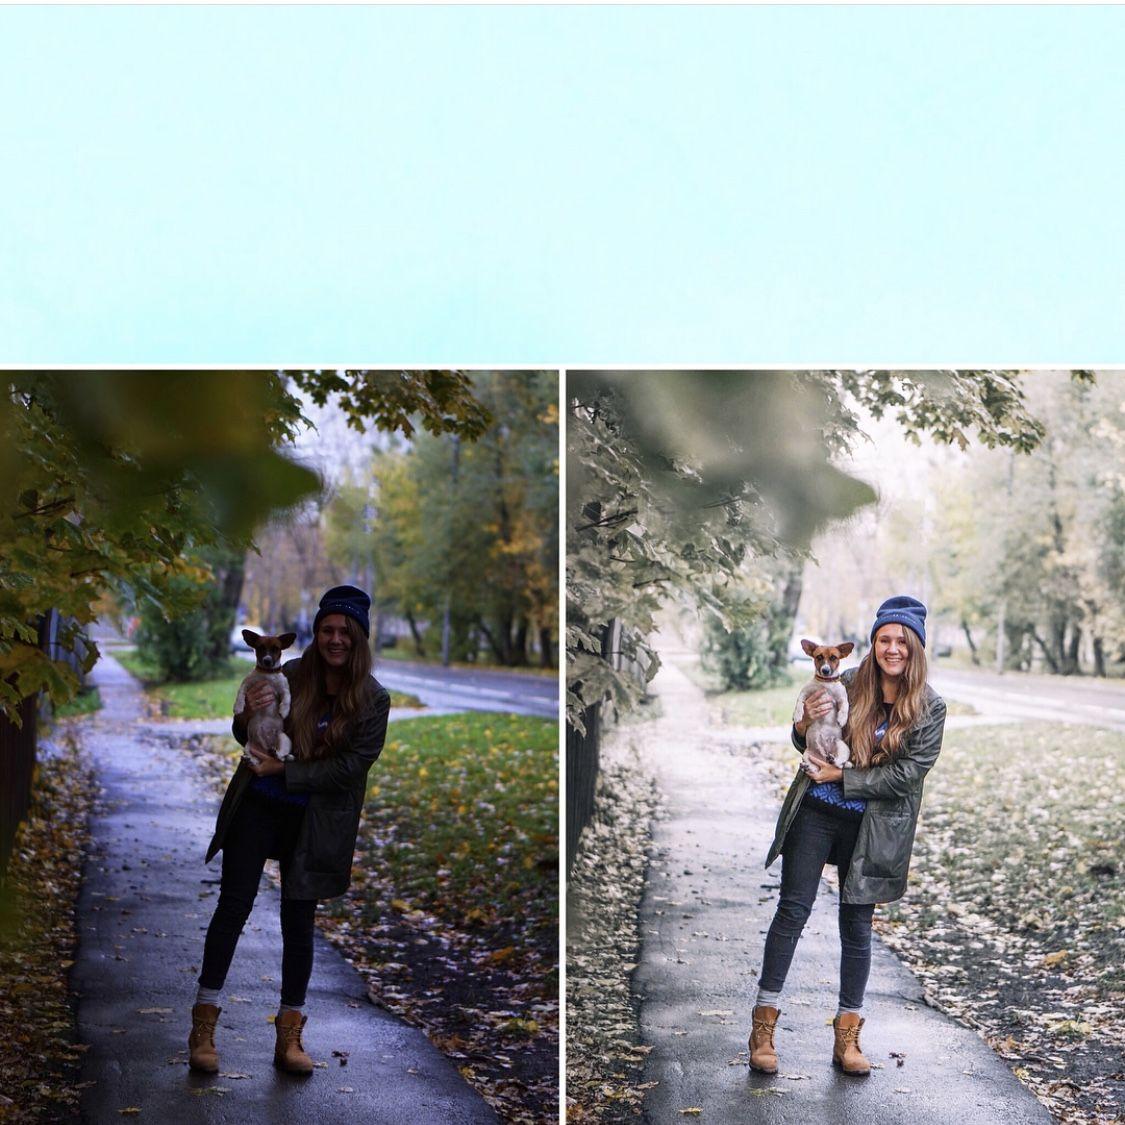 Как правильно обработать фотографию в инстаграм всем кавказским